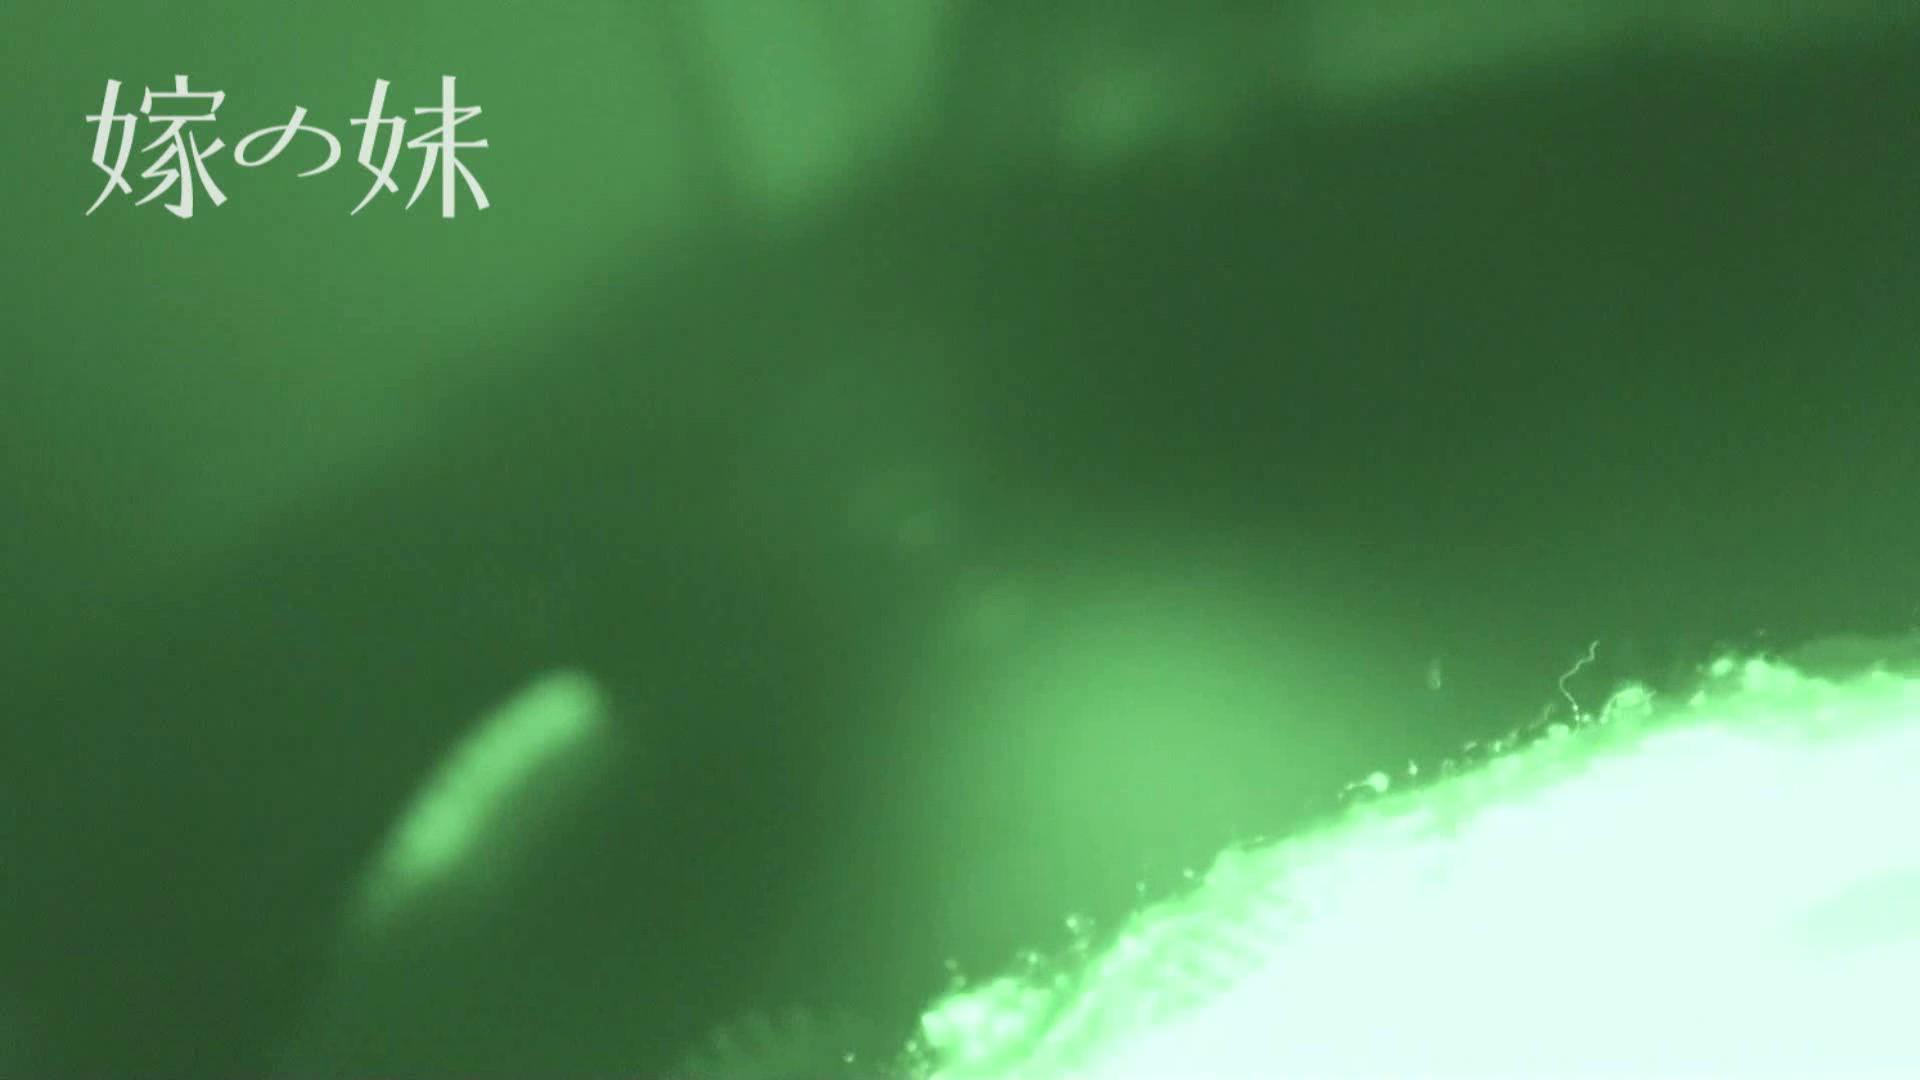 居候中の嫁の妹 vol.3 性欲  42連発 10